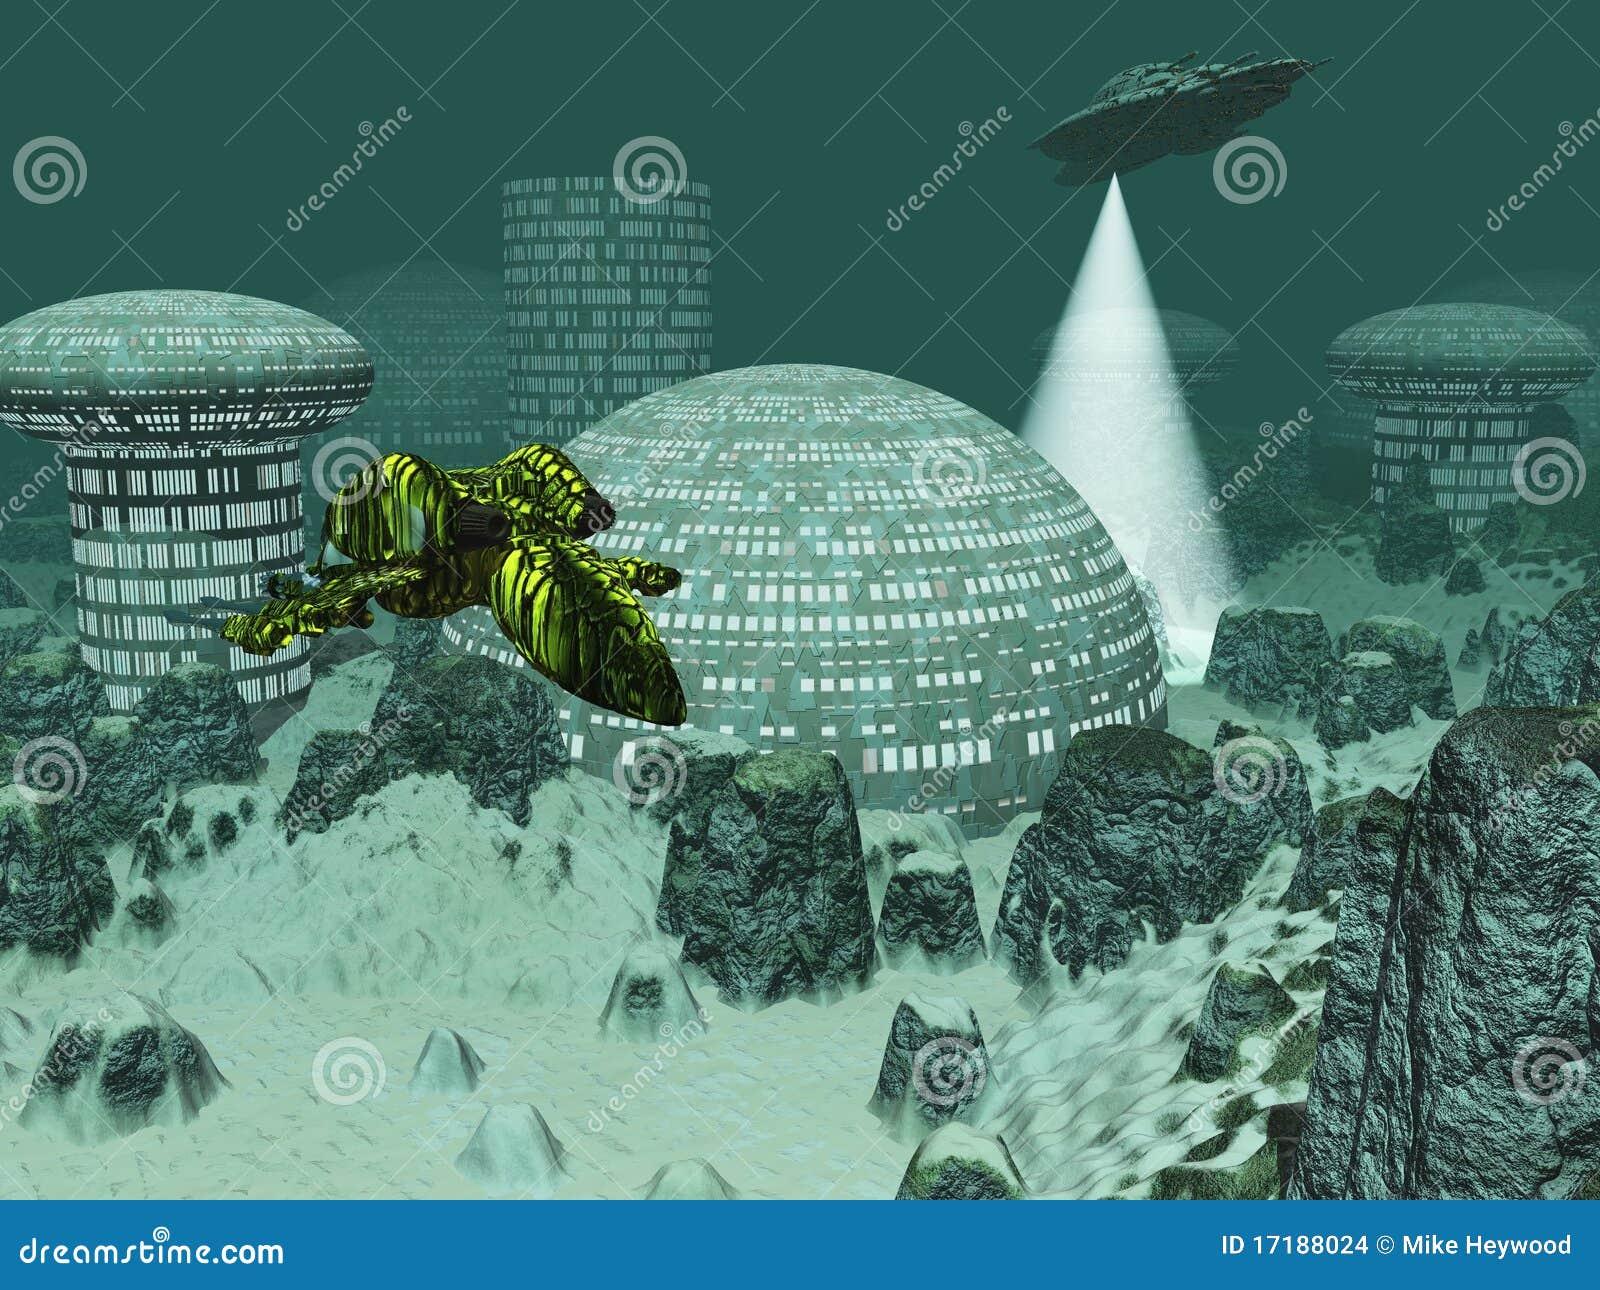 Картинки по запросу город под водой иллюстрации